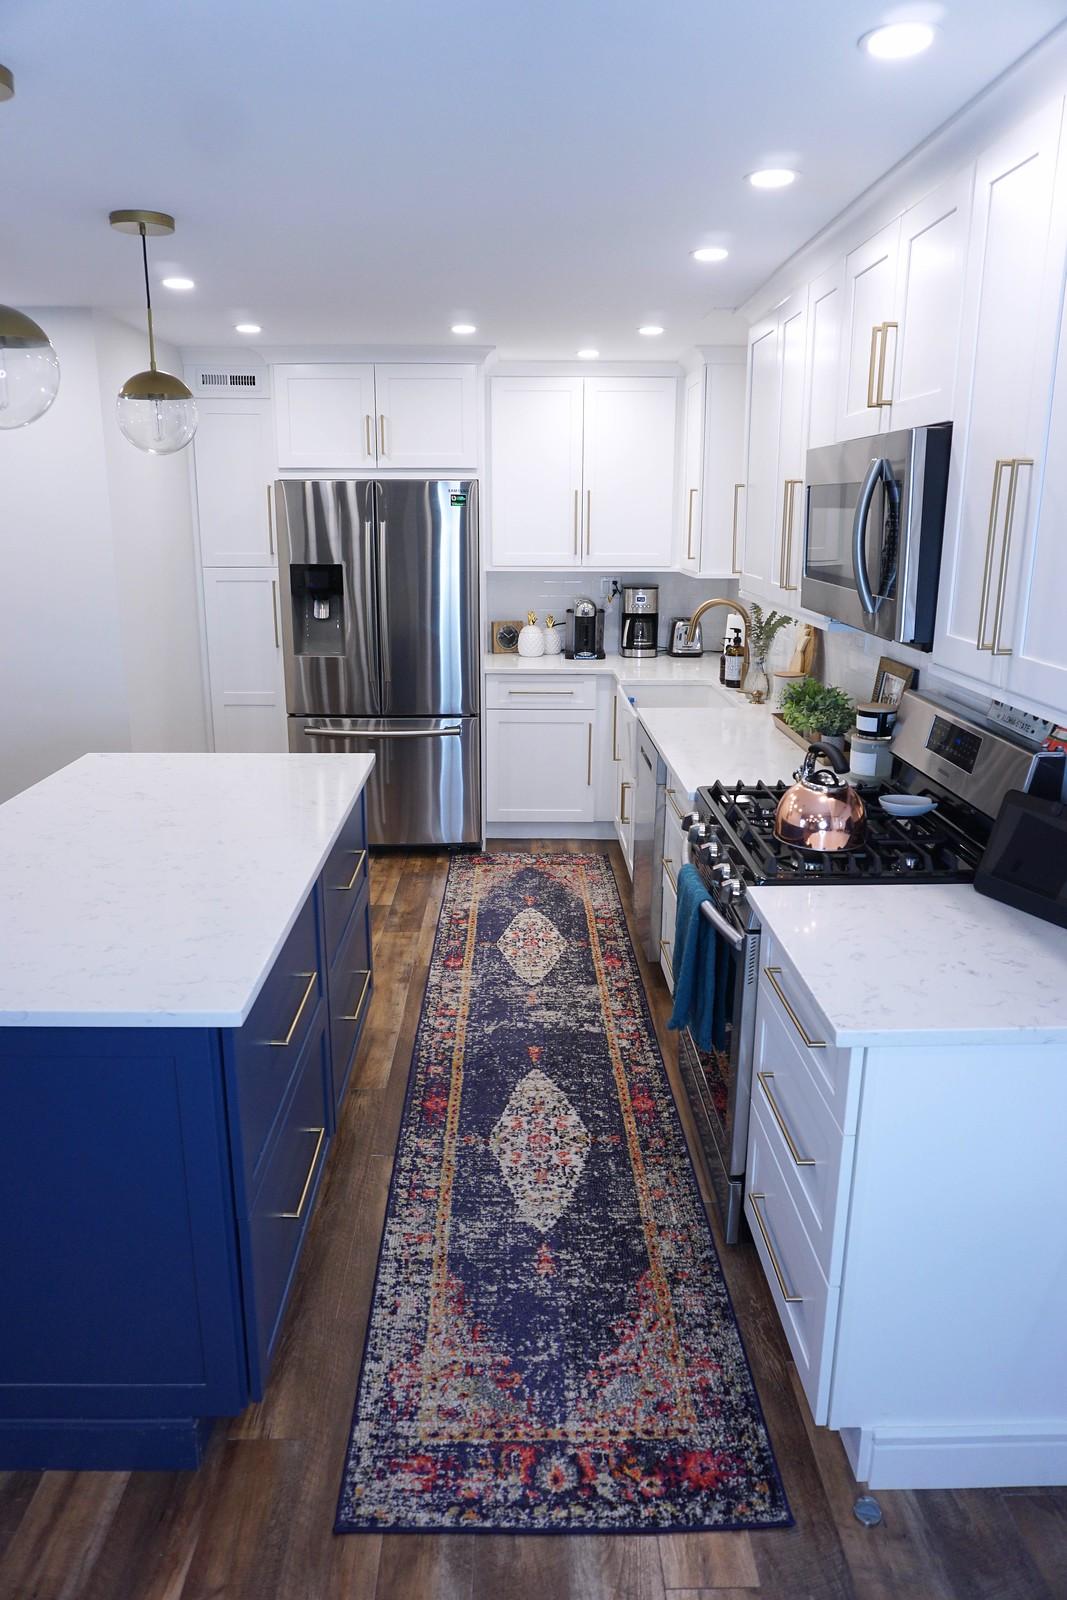 SHOP All of the Rugs I Have in my House | Kitchen Remodel | Kitchen Ideas | Kitchen Design | White Kitchen Cabinets | Blue Kitchen Island | Gold Hardware | Blue Kitchen Runner | Modern Kitchen